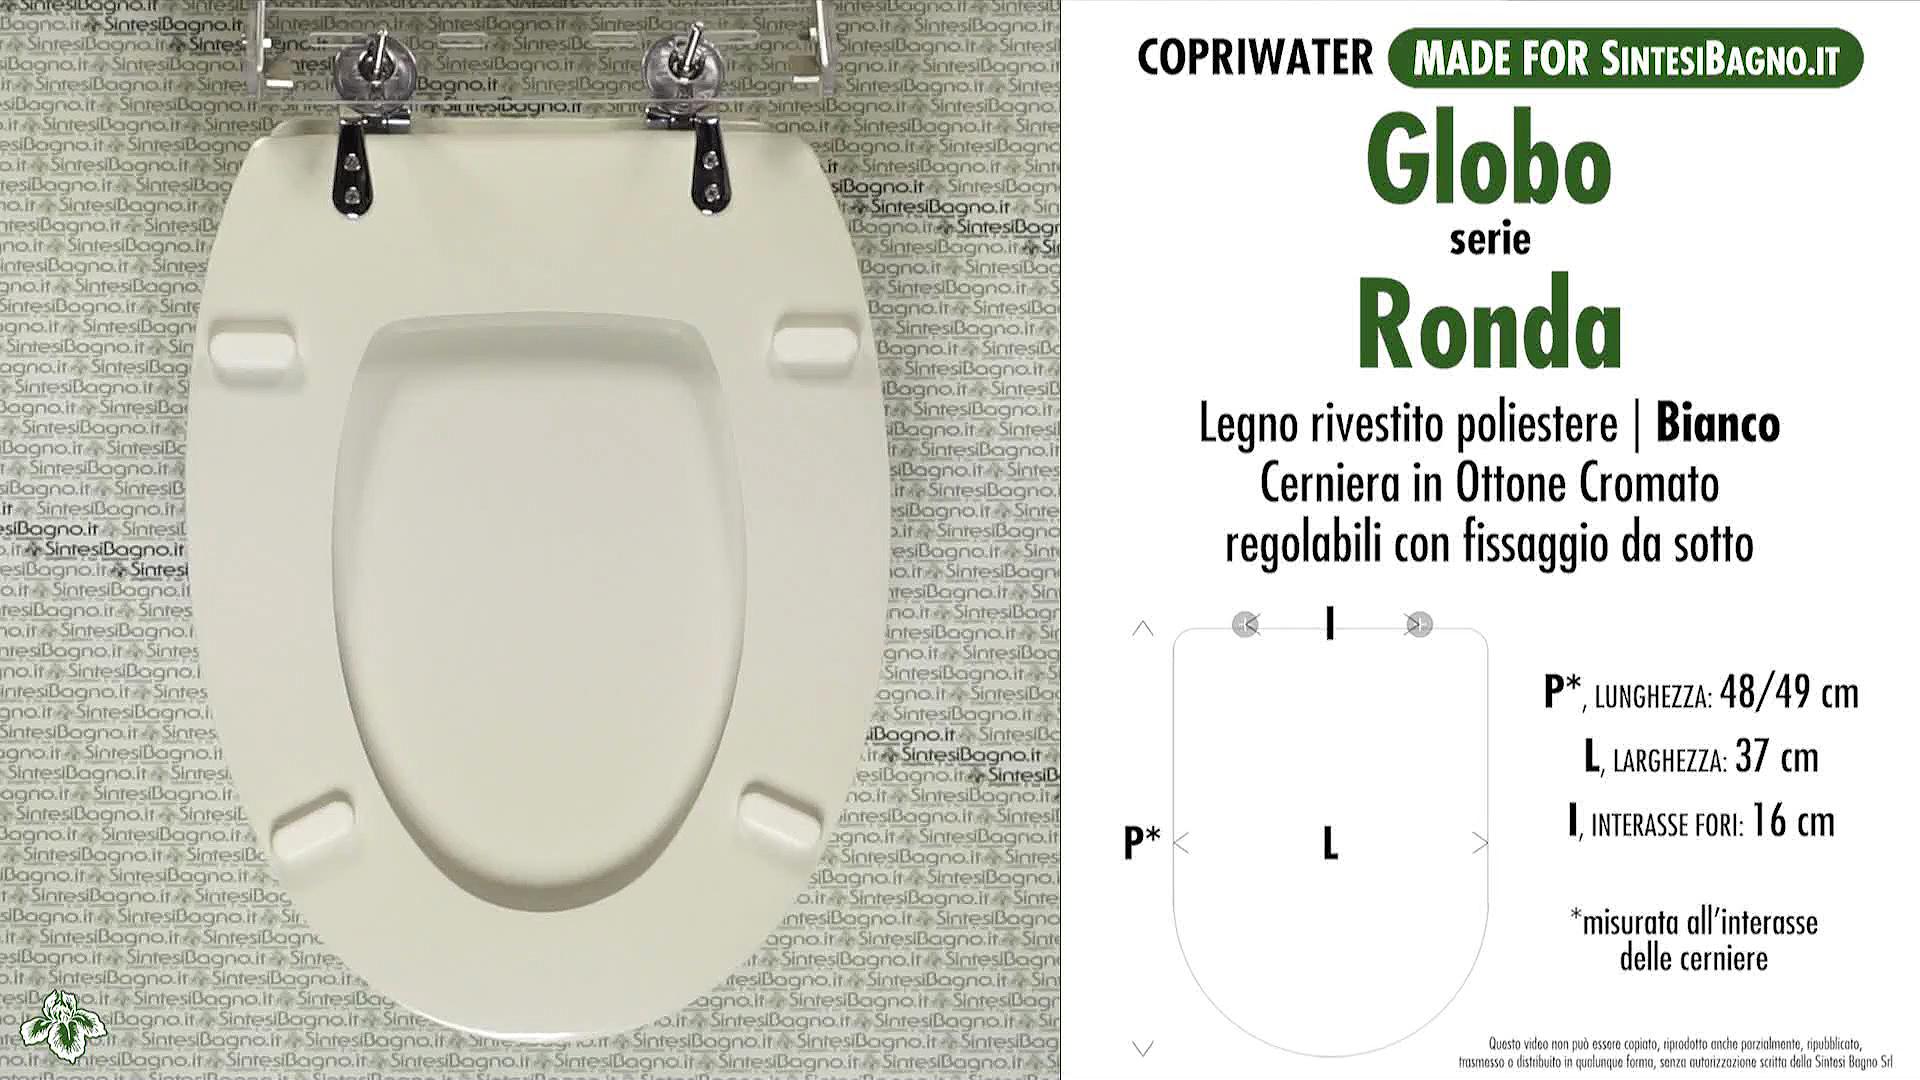 Copriwater per wc ronda globo ricambio dedicato legno for Cambiare tavoletta wc sospeso